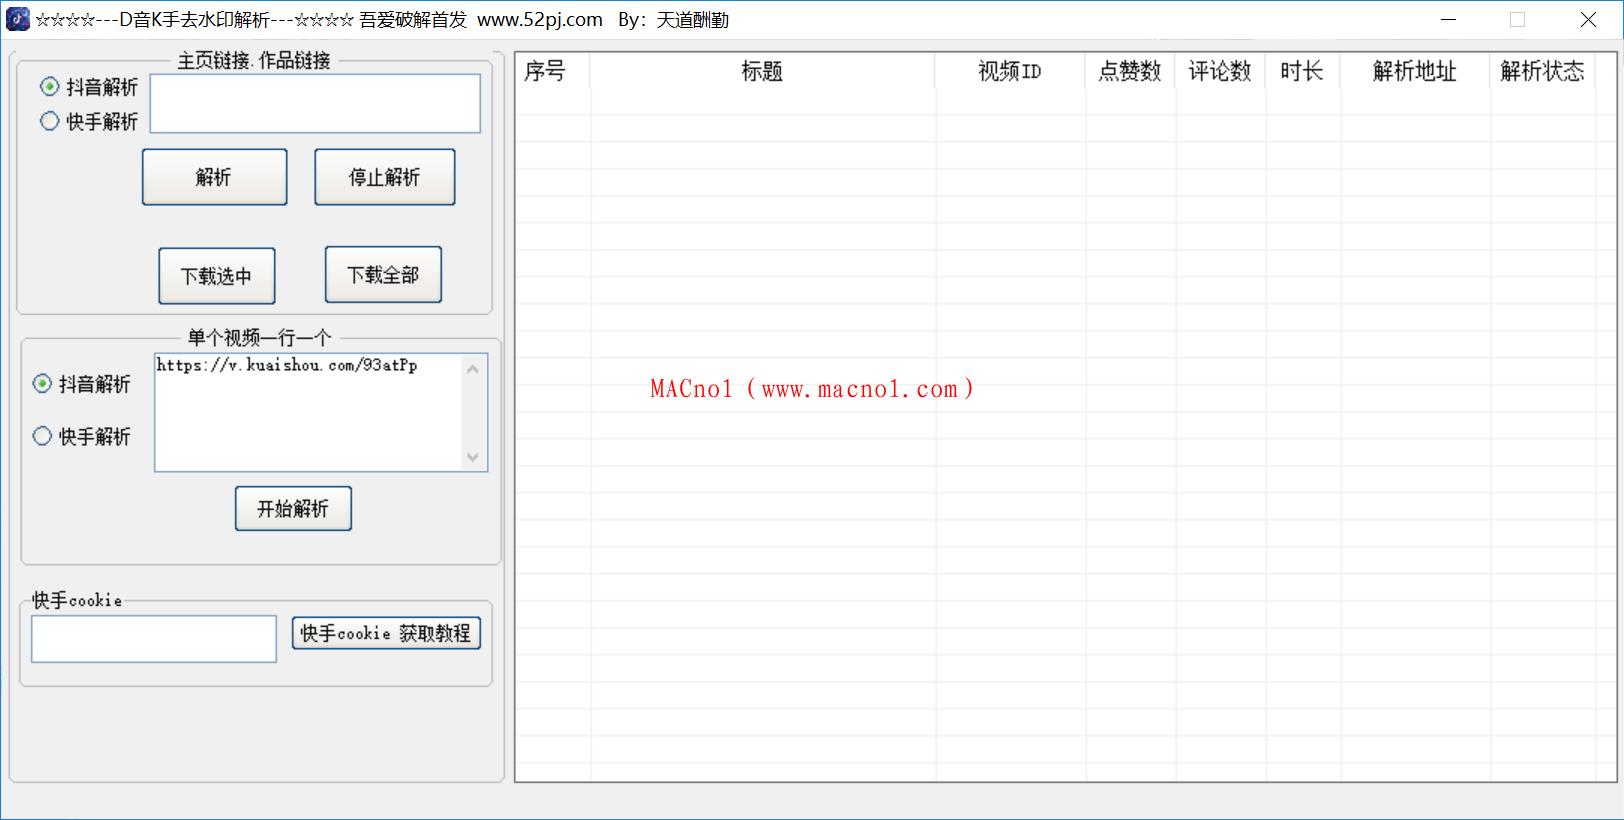 抖音快手批量去水印工具 v1.0.0 单文件版(附使用教程)